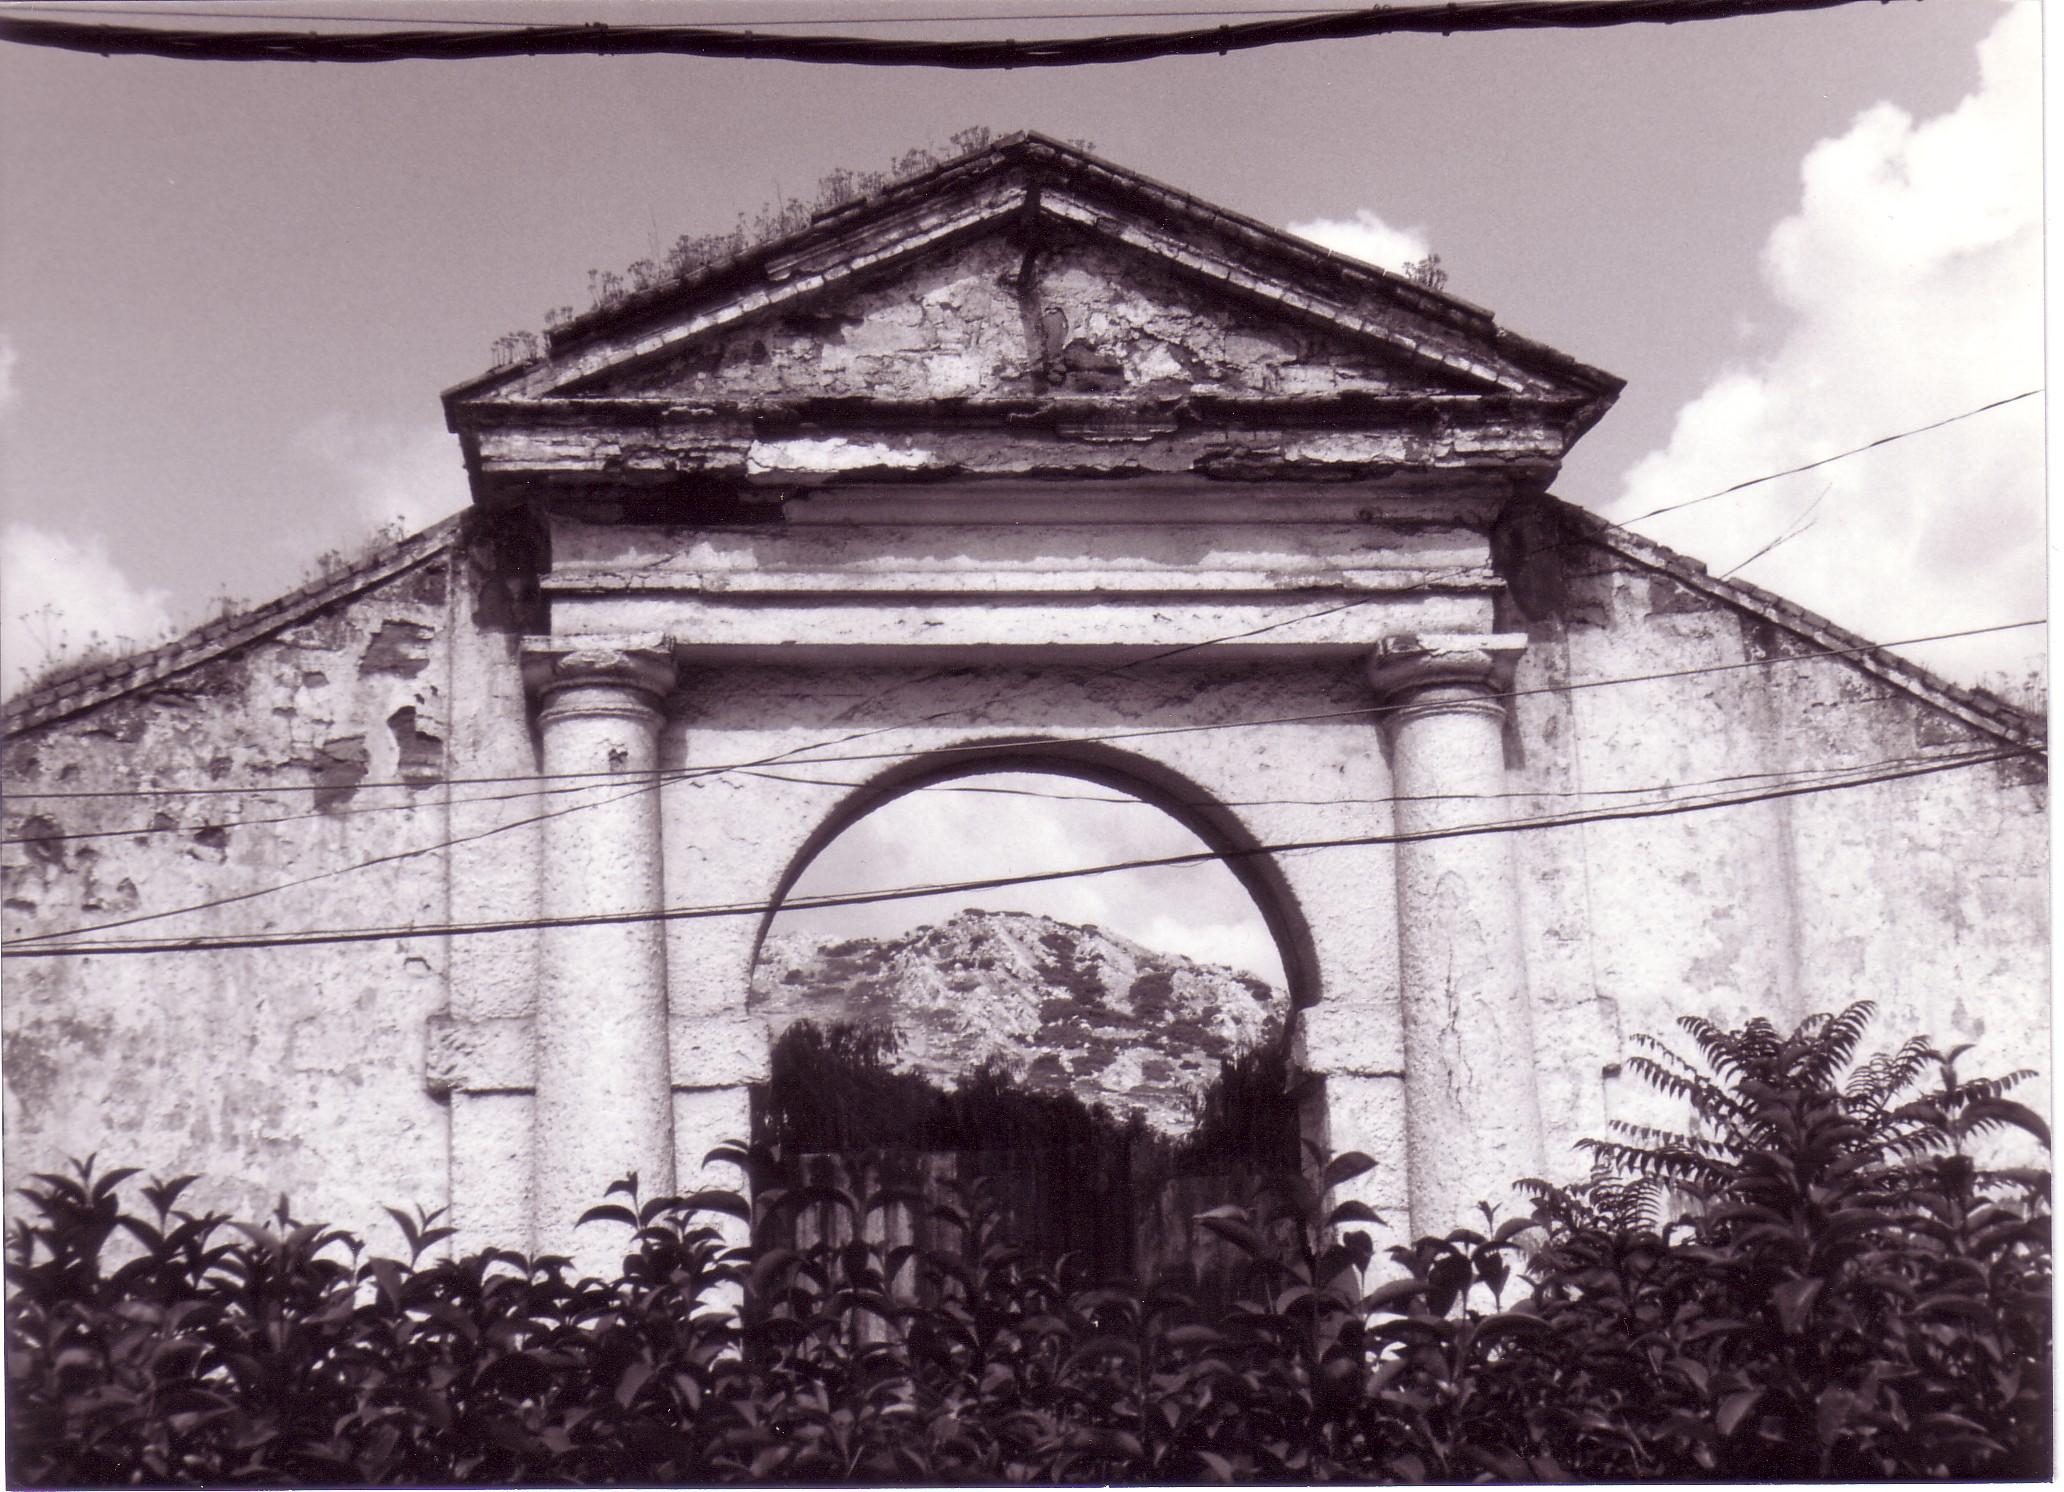 Entrada de la fundición de plomo Ntra. Señora de Gracia, situada en el Bosque. Archivo F. Negrete 1986